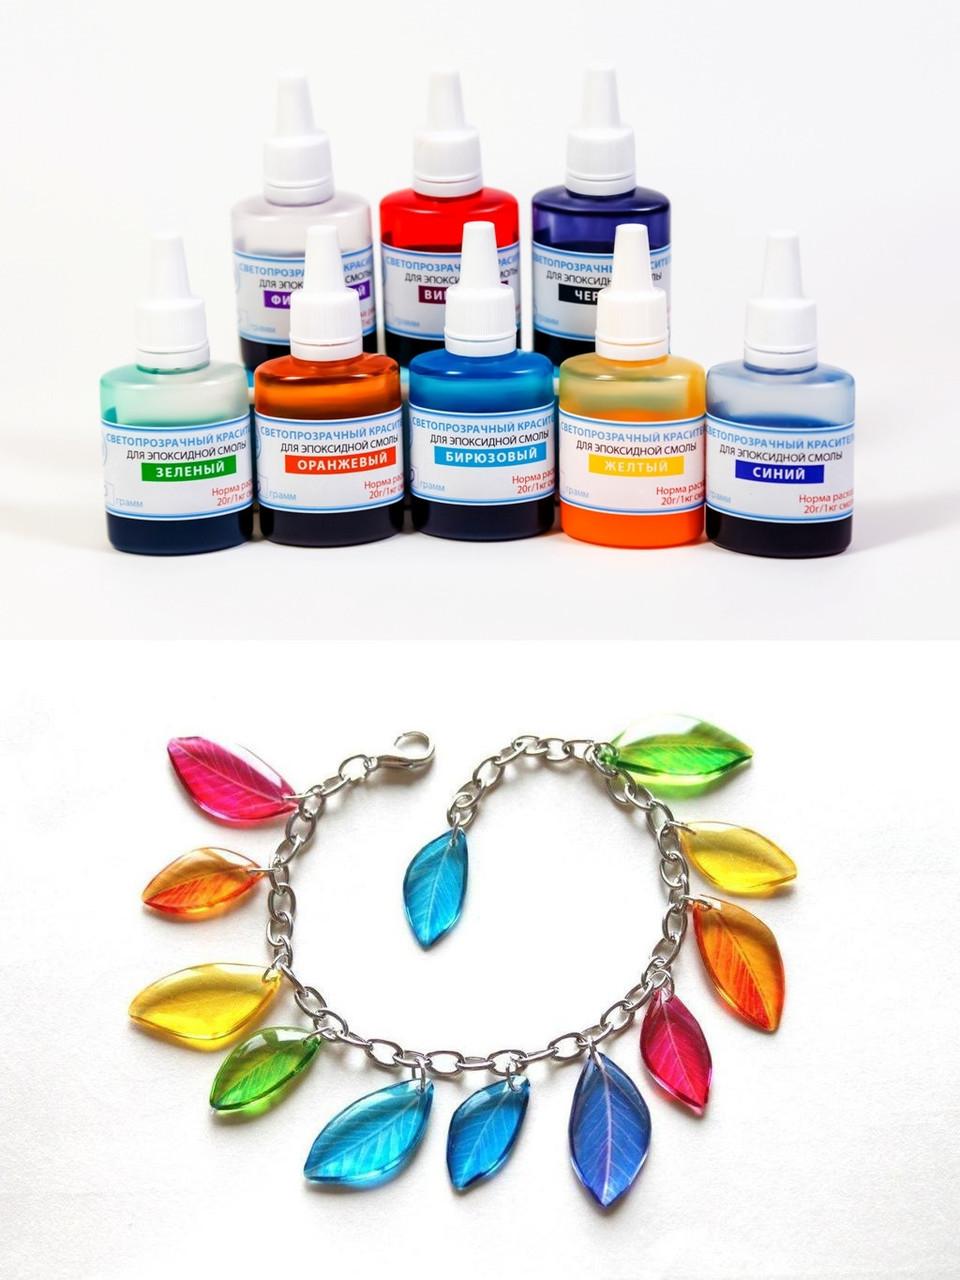 Светопрозрачные красители эпоксидной смолы Просто и Легко набор из 8 цветов по 20 г